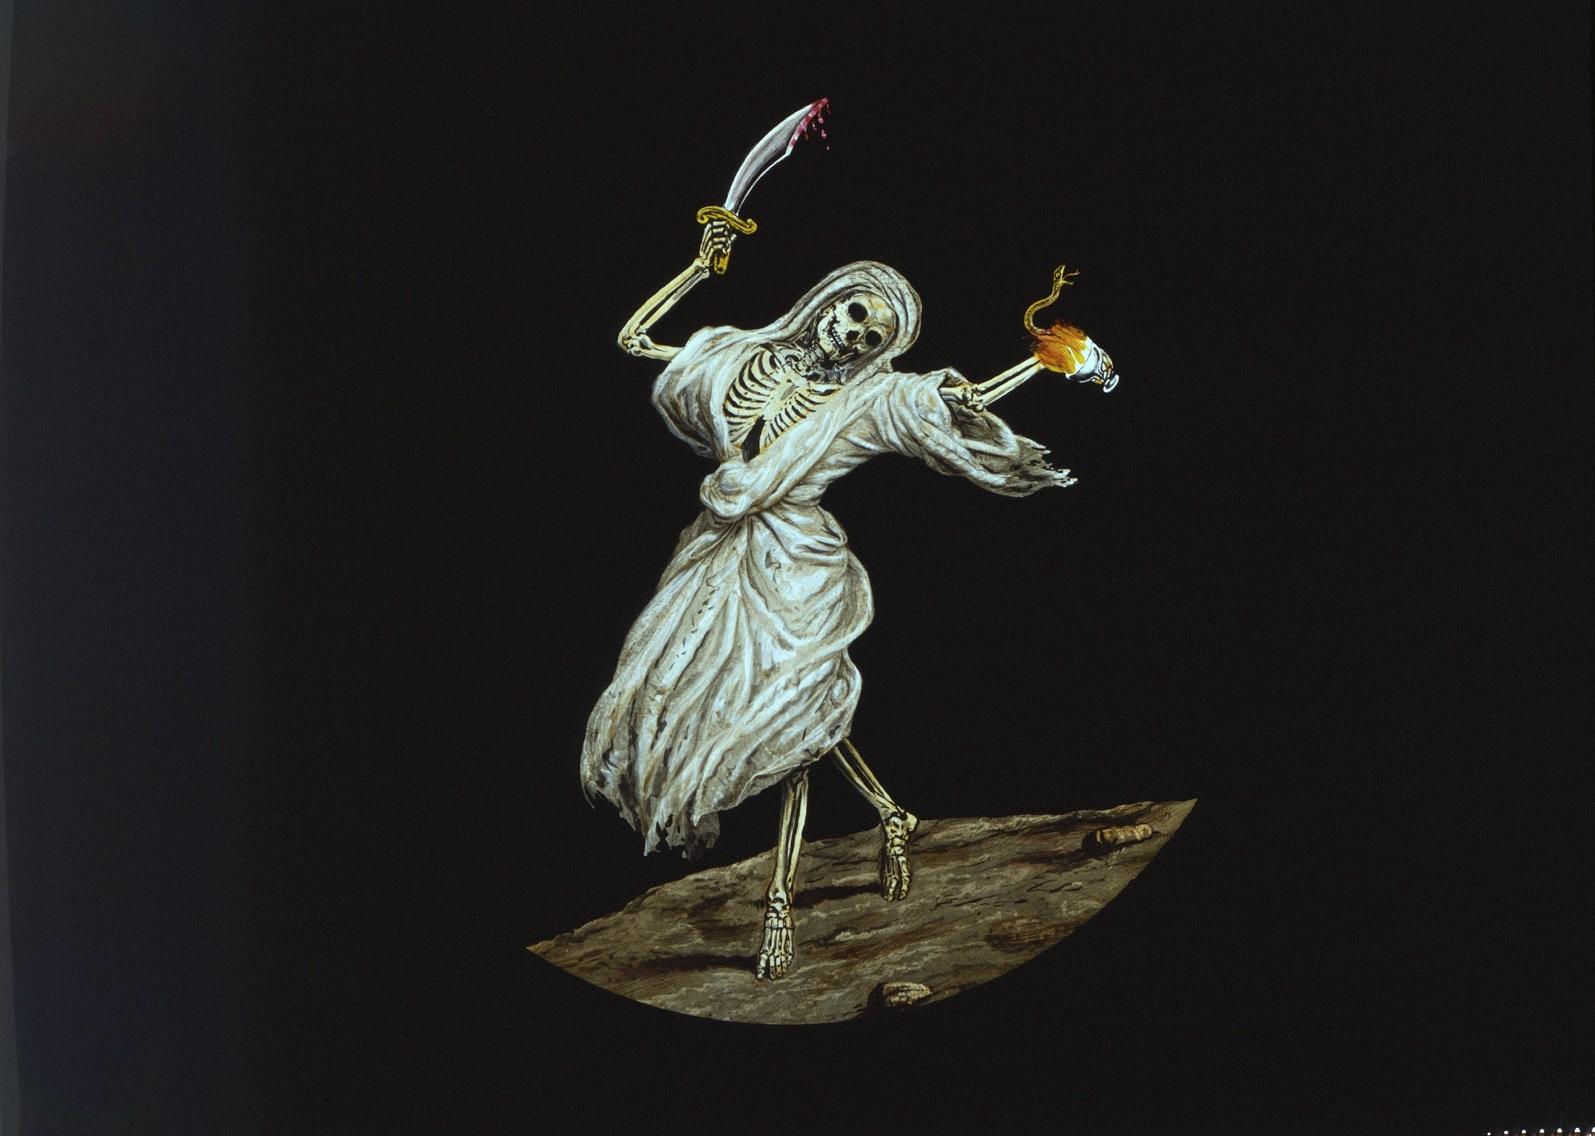 Bild av skelett klädd i en vit kåpa, med svärd i ena handen och en orm i den andra.